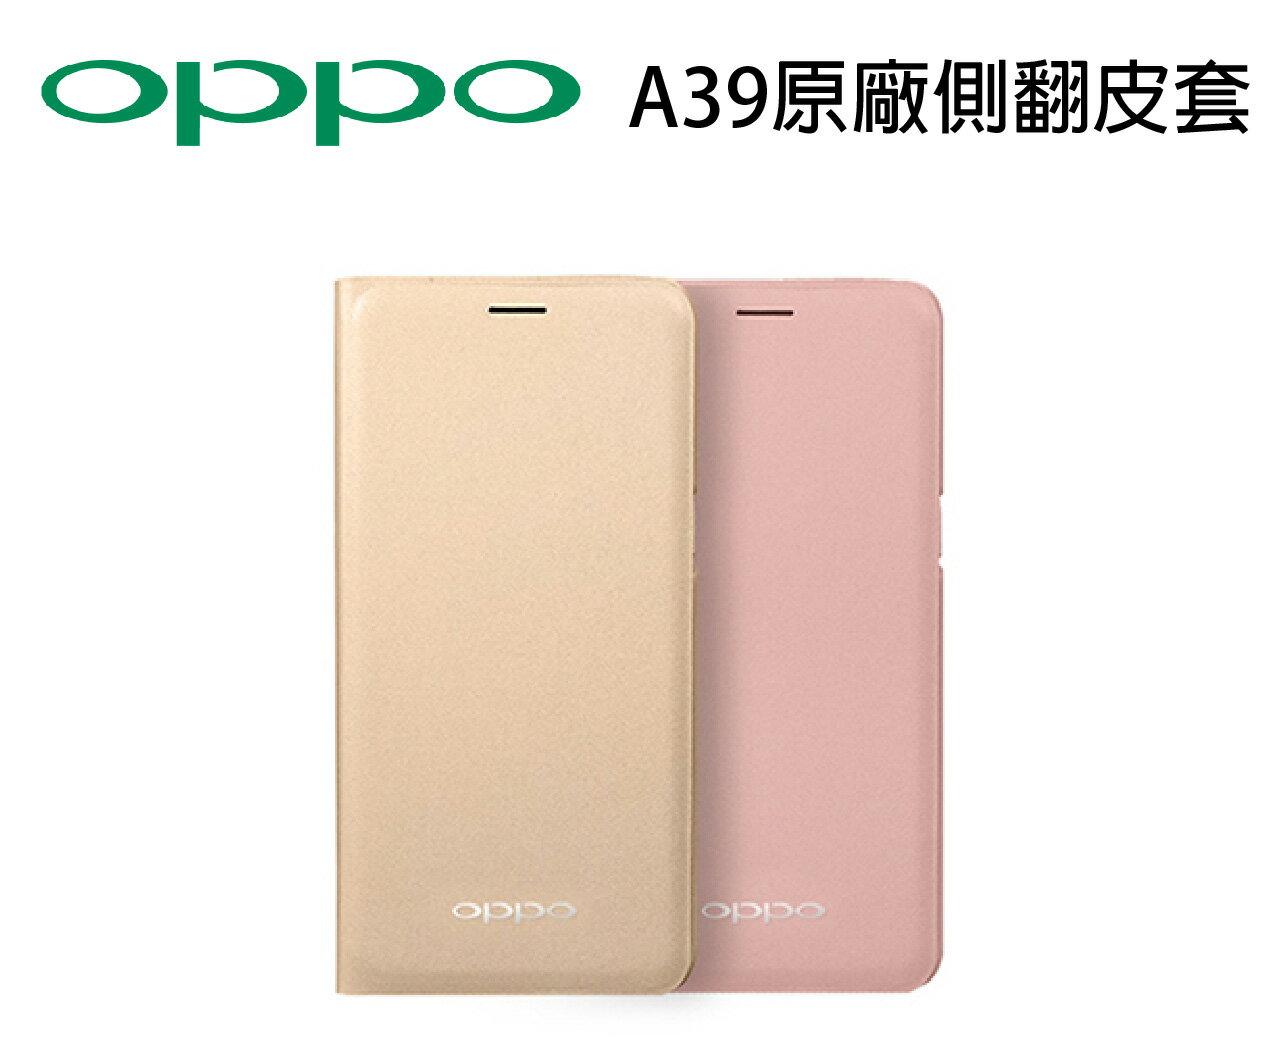 (刷樂天卡最高享21%回饋)OPPO A39 原廠側掀皮套 原廠保護套 手機套 -玫瑰金《原廠盒裝》